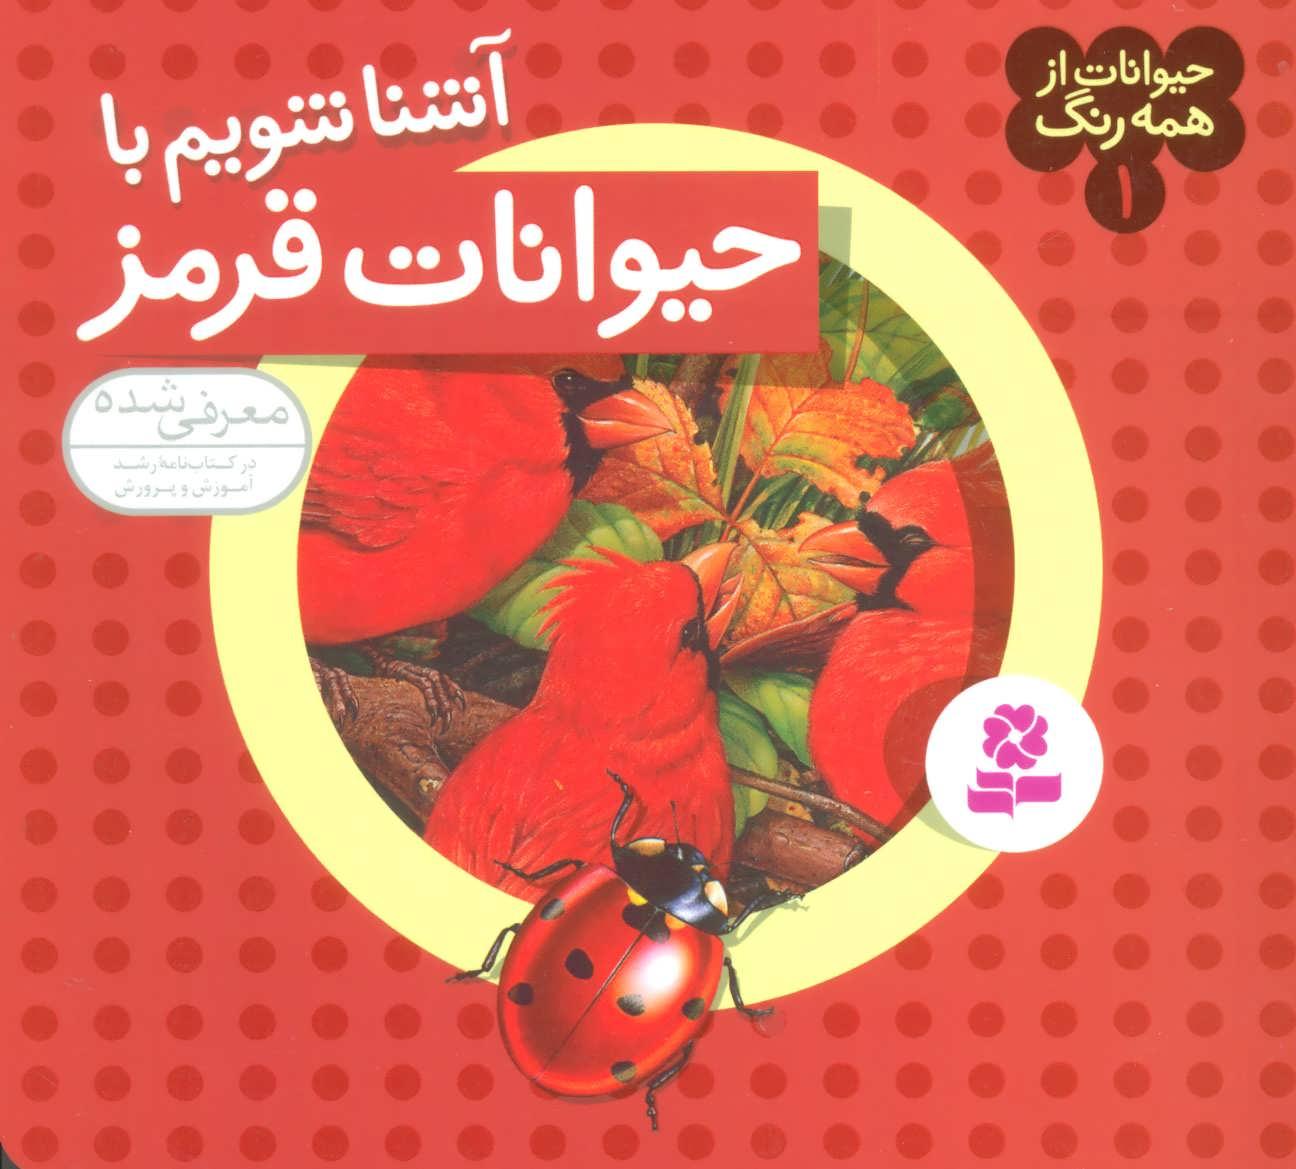 کتاب آشنا شویم با حیوانات قرمز